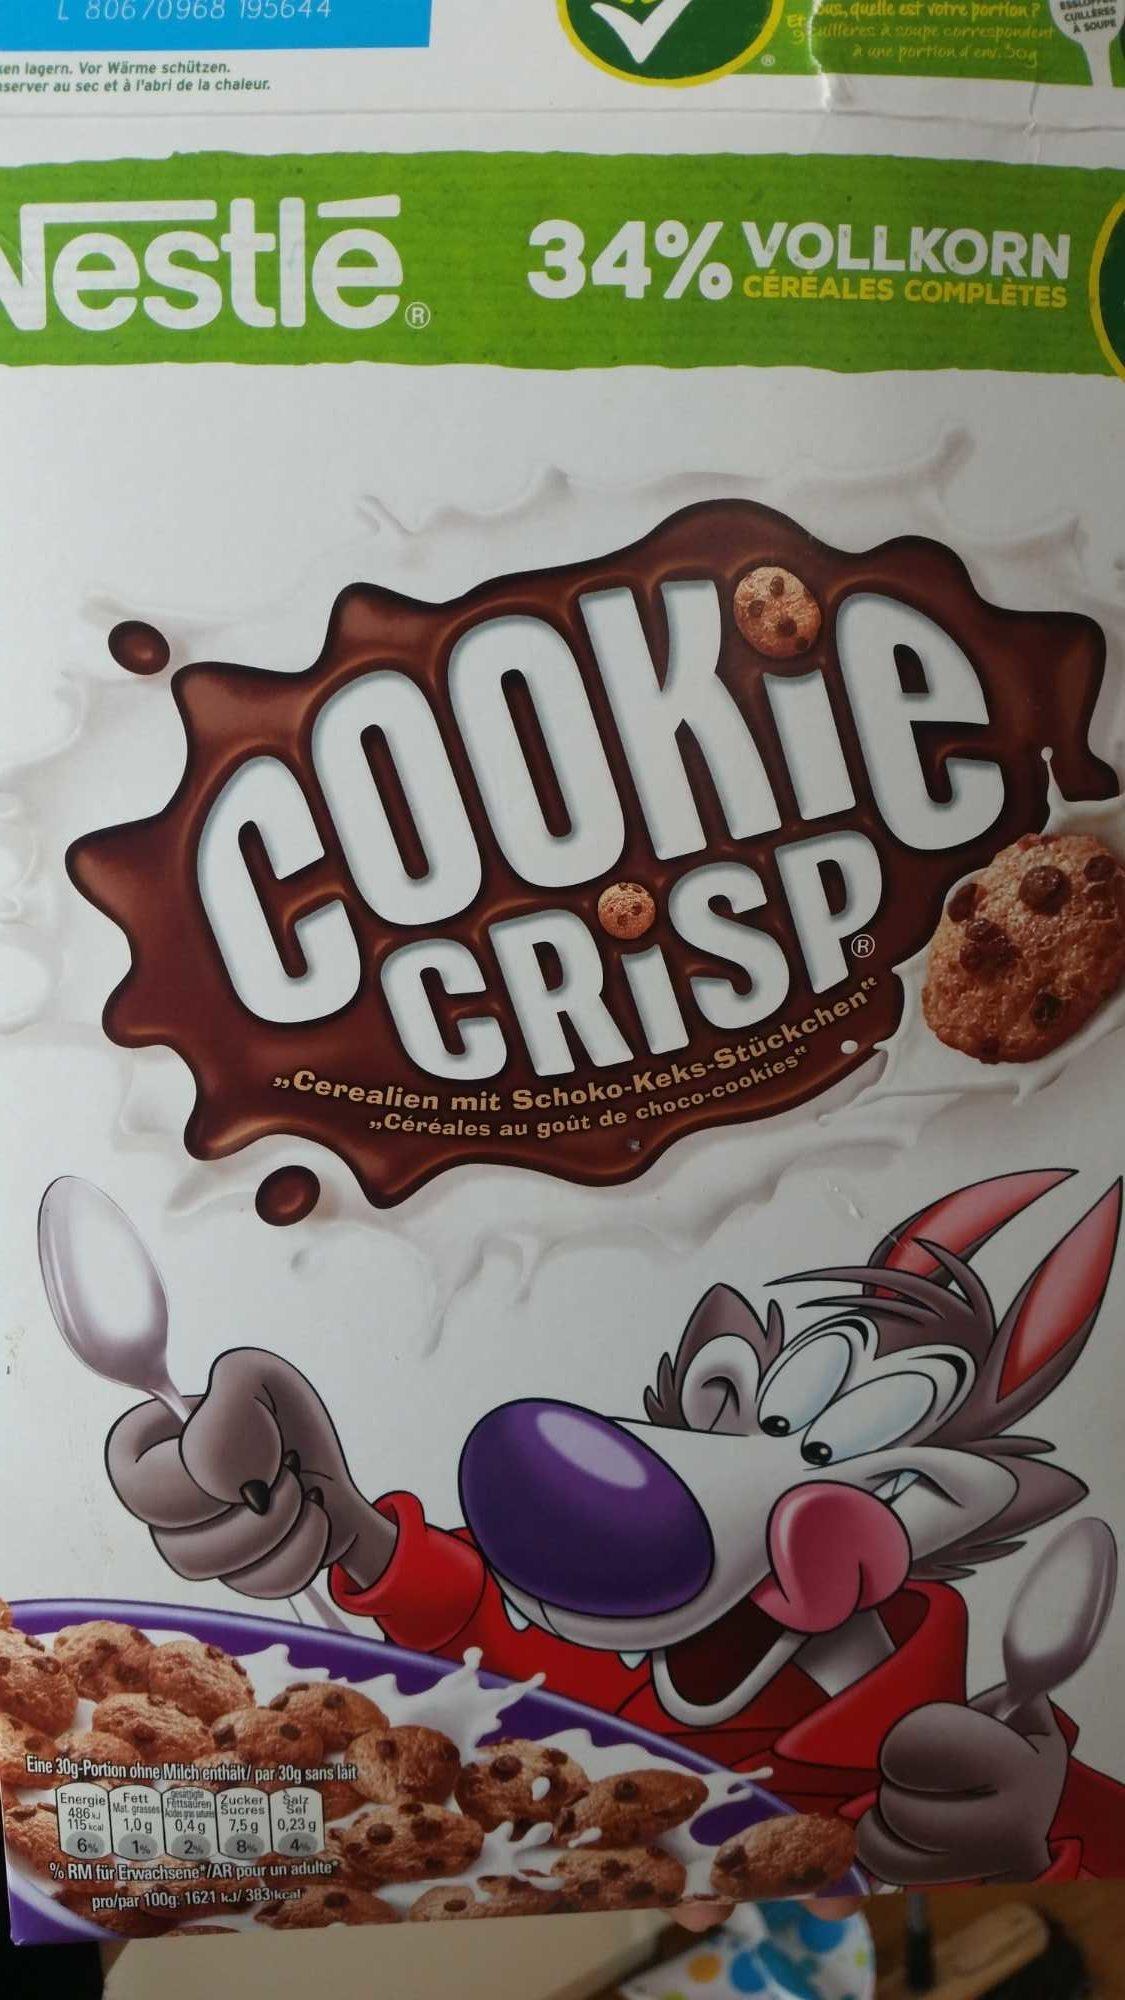 Cookies Crisp, Cerealien 0,38 KG Pro Packung - Product - de